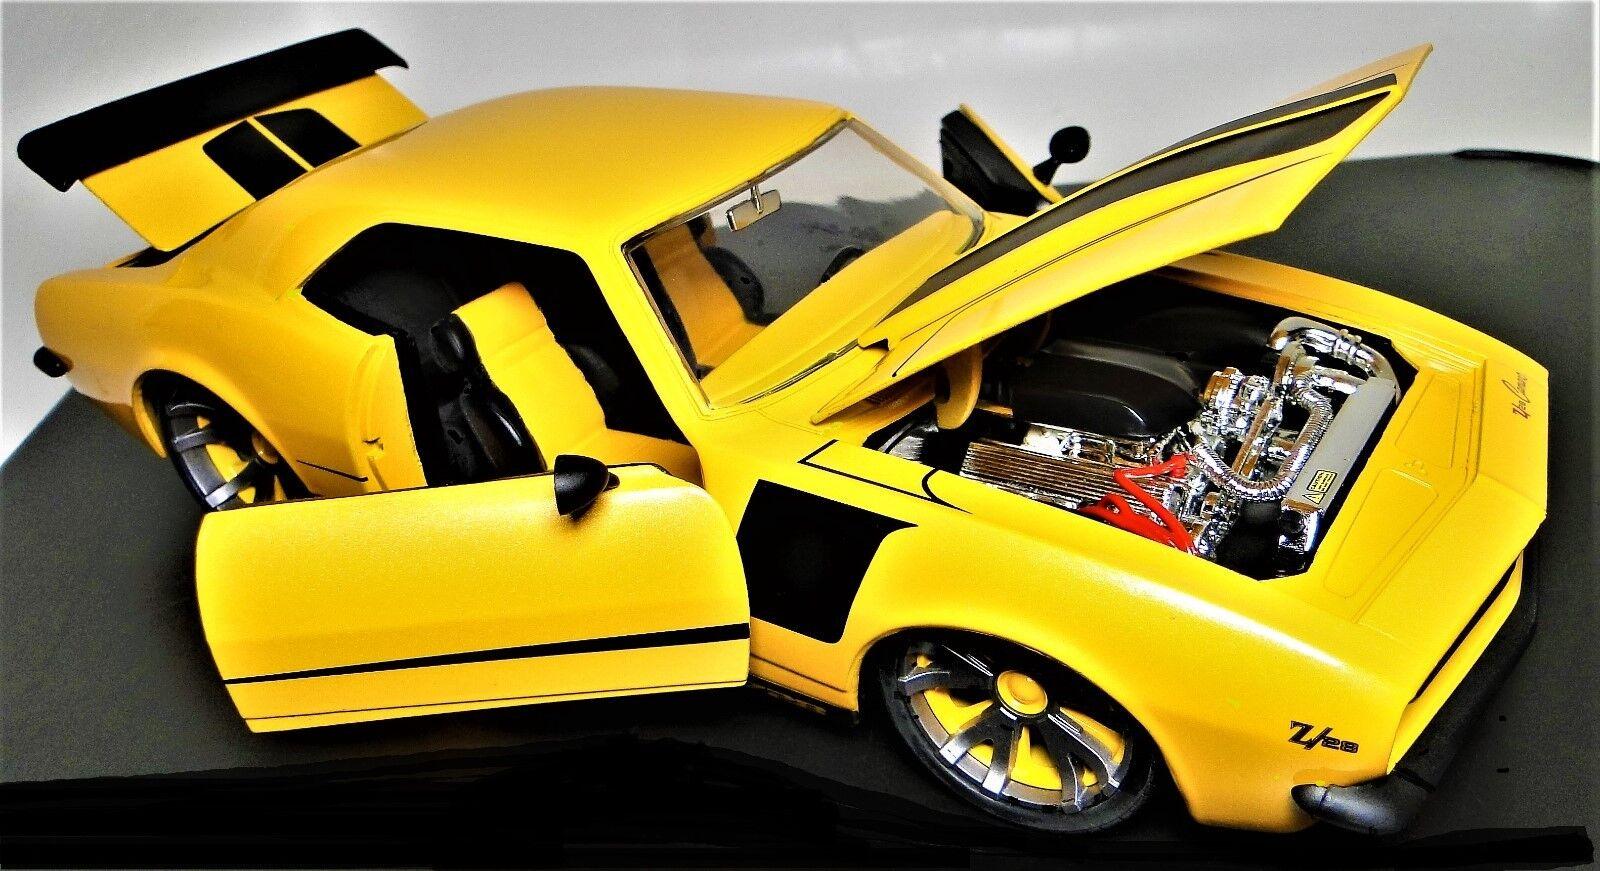 Z28 1969 Camaro Chevy 1 Chevrolet Chevrolet Chevrolet Built Vintage Classic Hot Rod Car 25 Model 24 40fb82